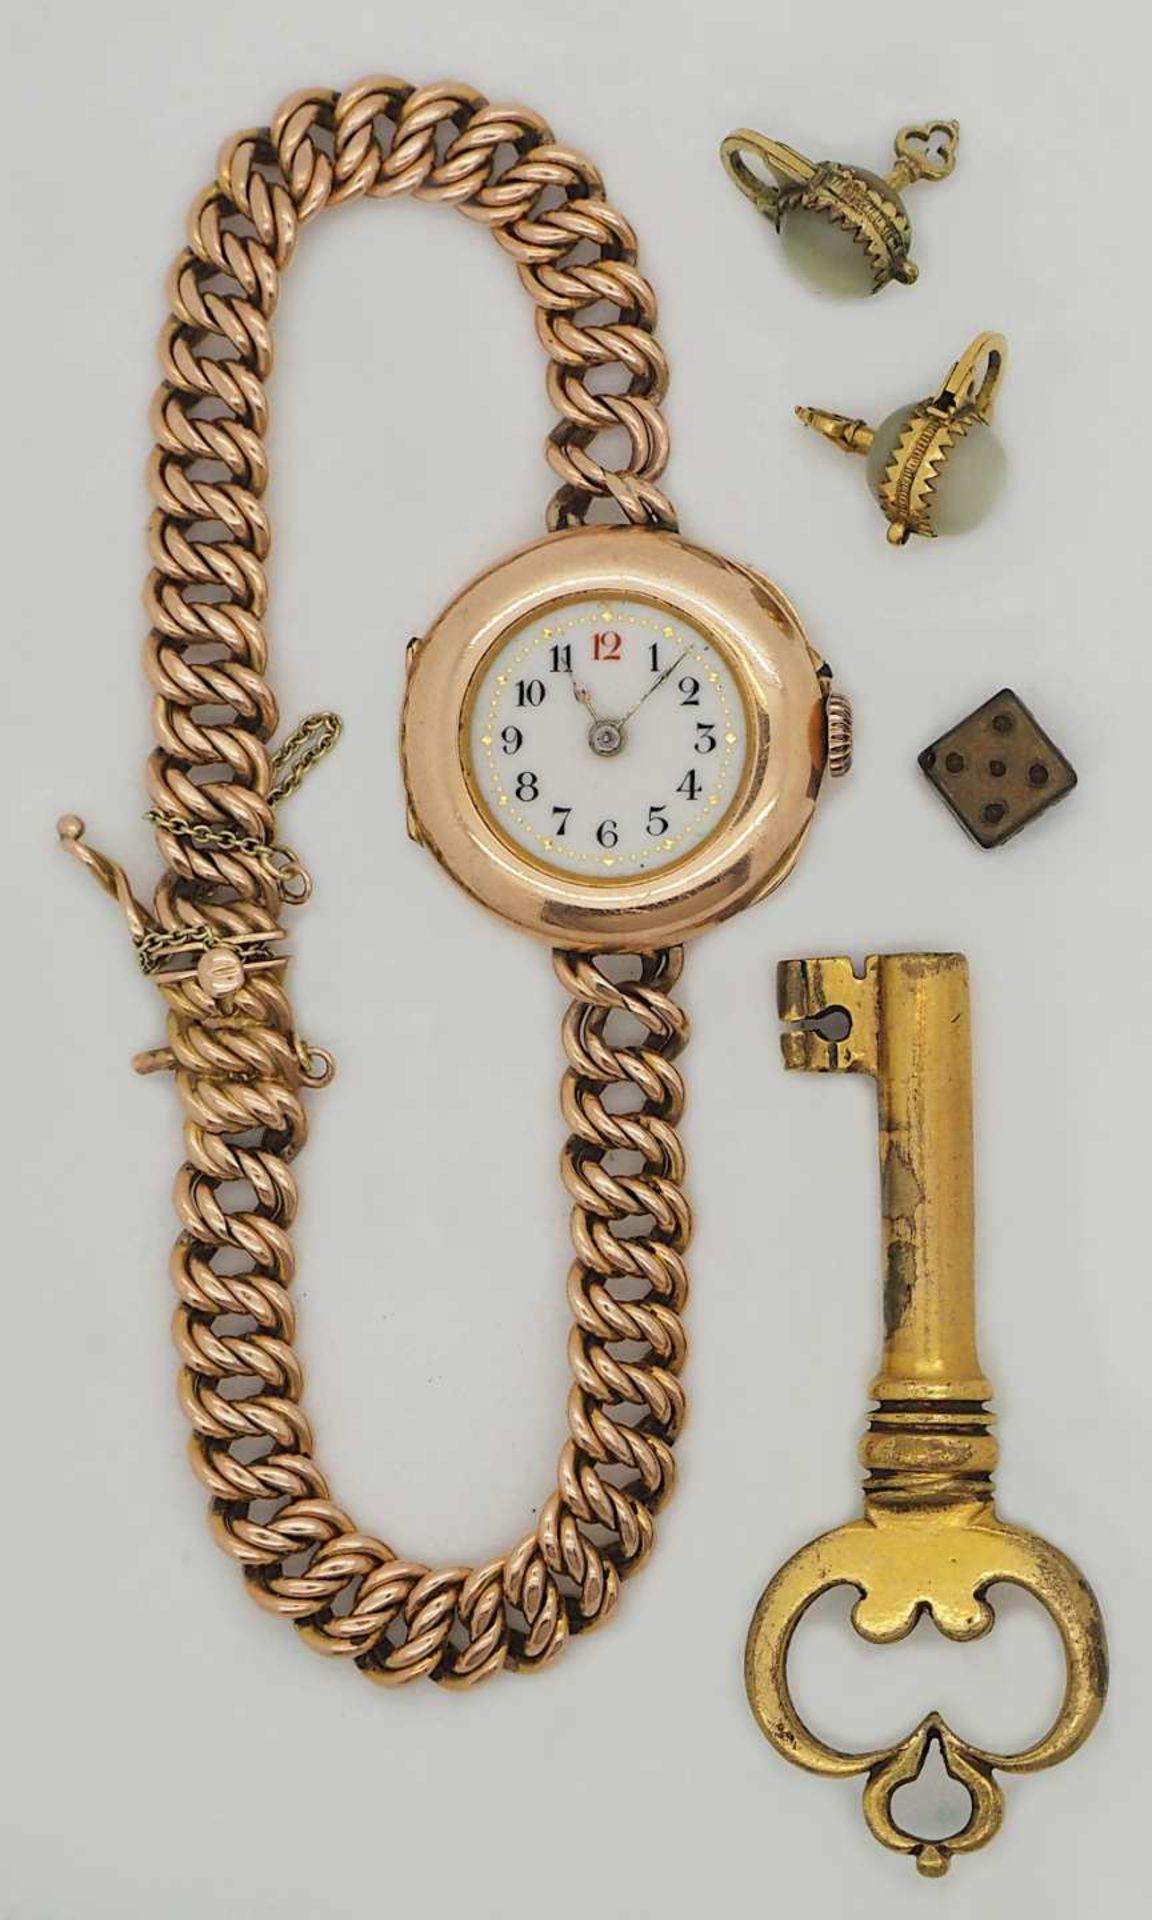 1 Damenarmbanduhr GG 14ct., Band GG 14ct. besch. (Glas fehlt), sowie 2 Miniaturschlösser Perle